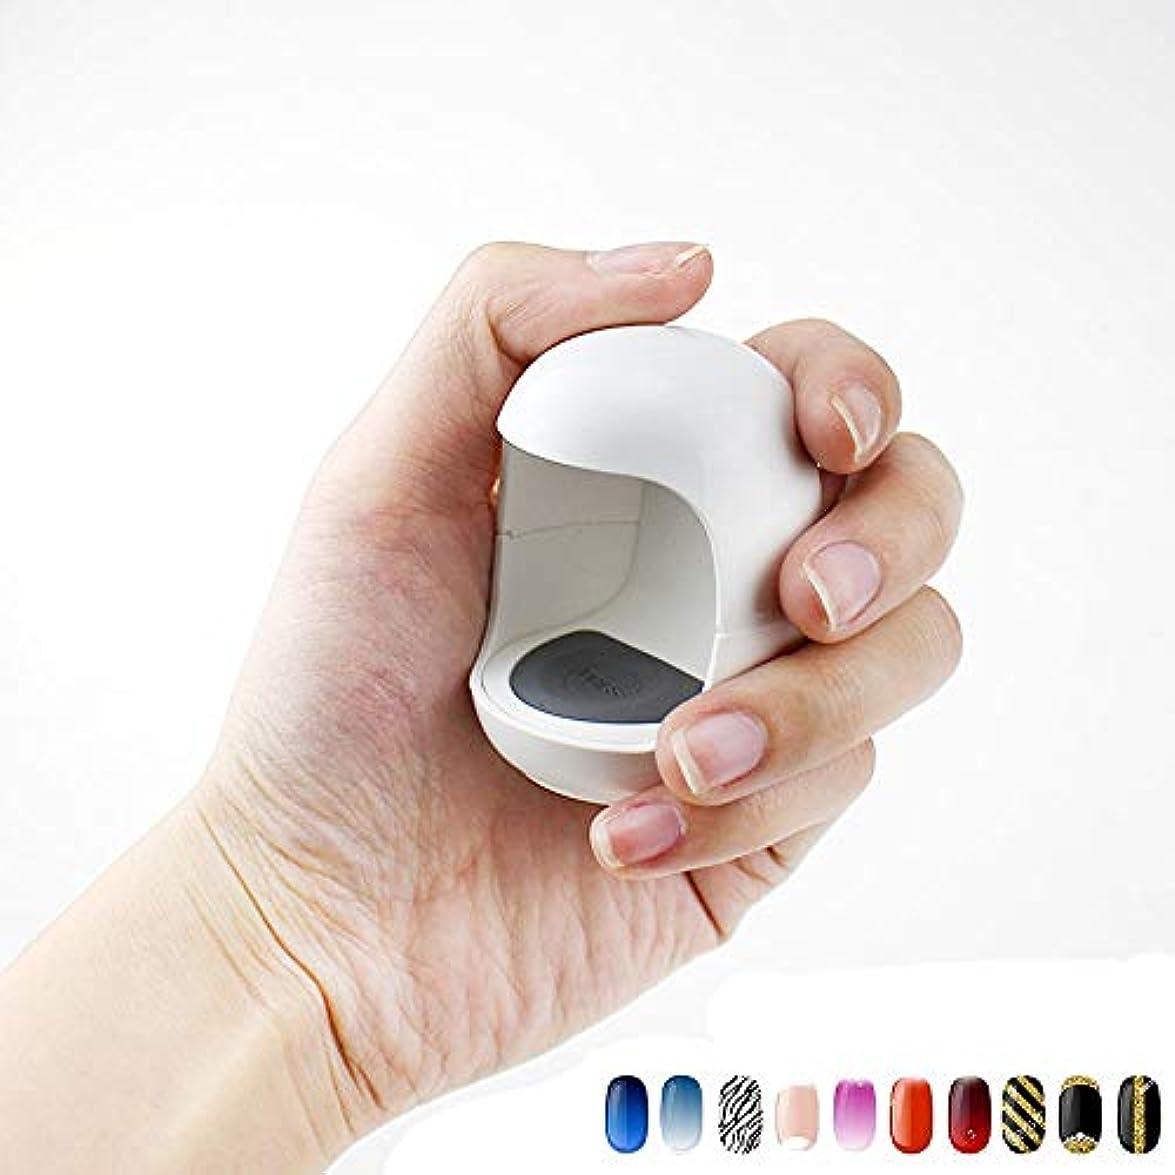 本体概念ぶどうUV LEDネイルランプミニQ型USBケーブルマニキュア材料ネイルドライヤーゲルランプ治療光シングルマニキュアマニキュアツール